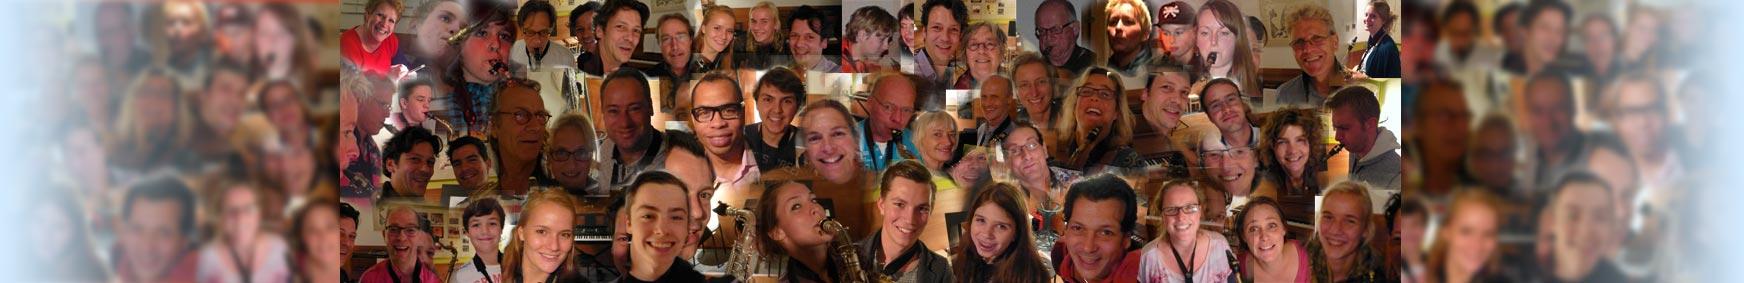 saxofoonles groningen leerlingen saxofoon